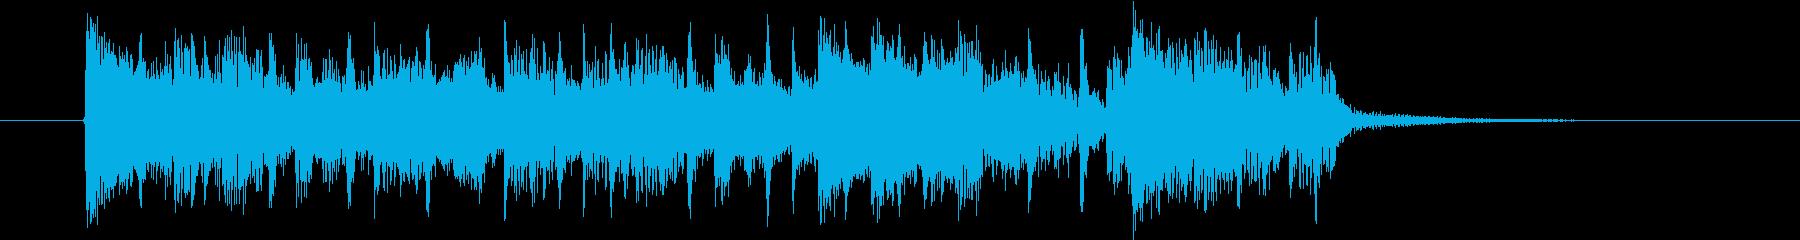 高揚感あるスピーディーなビートジングルの再生済みの波形